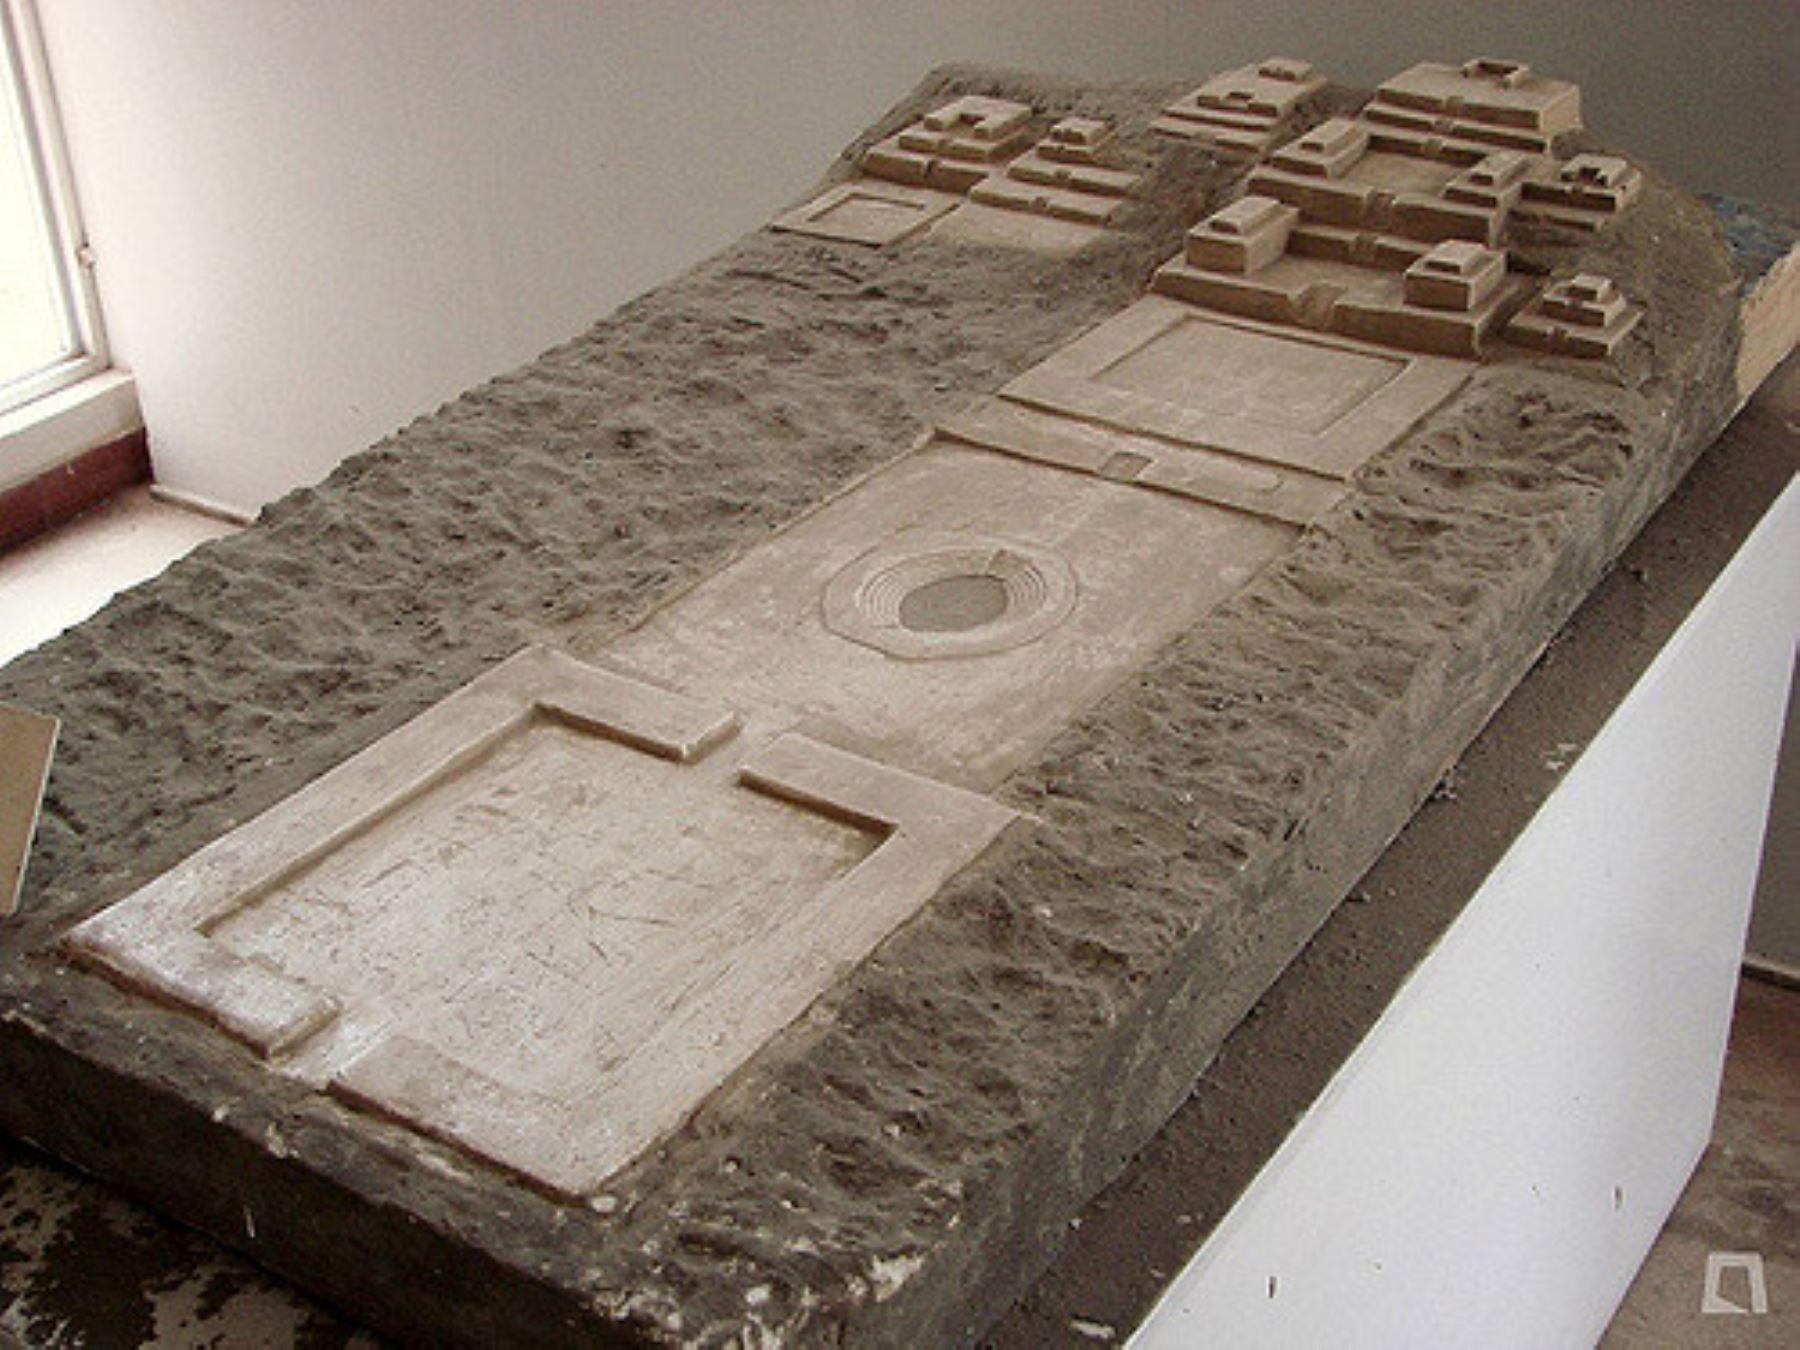 Maqueta del sitio arqueológico de Las Aldas, perteneciente al período Formativo del Perú y data de entre 1,800 y 1,500 años antes de Cristo. Se trata de un centro ceremonial que está ubicado frente al mar, a 30 kilómetros del valle de Casma.